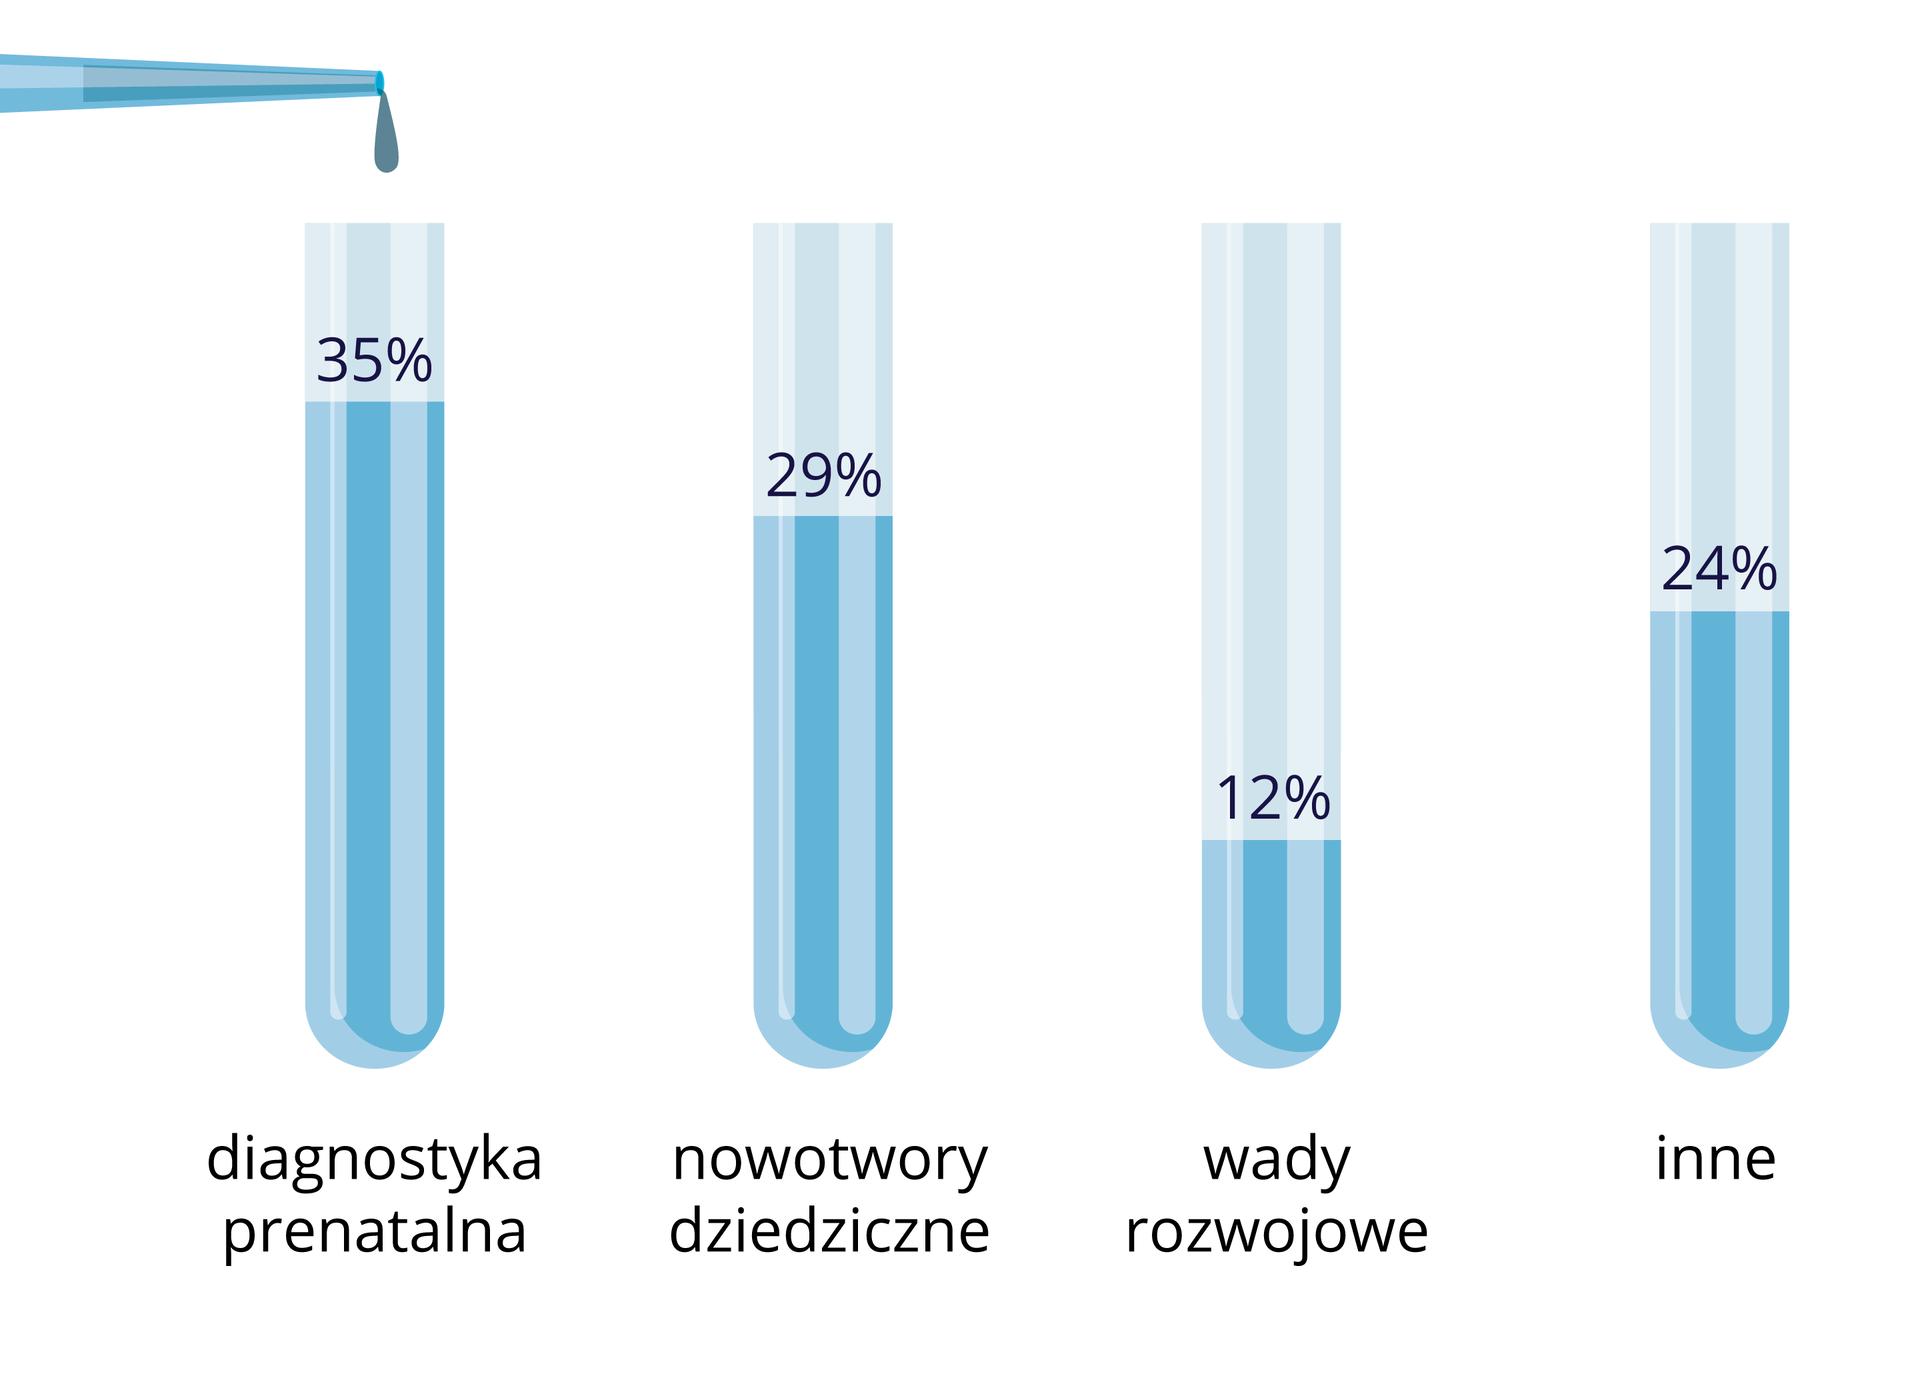 Problemy analizowane wporadniach genetycznych: diagnostyka prenatalna 35%, nowotwory dziedziczne 29%, wady rozwojowe 12%, inne 24%